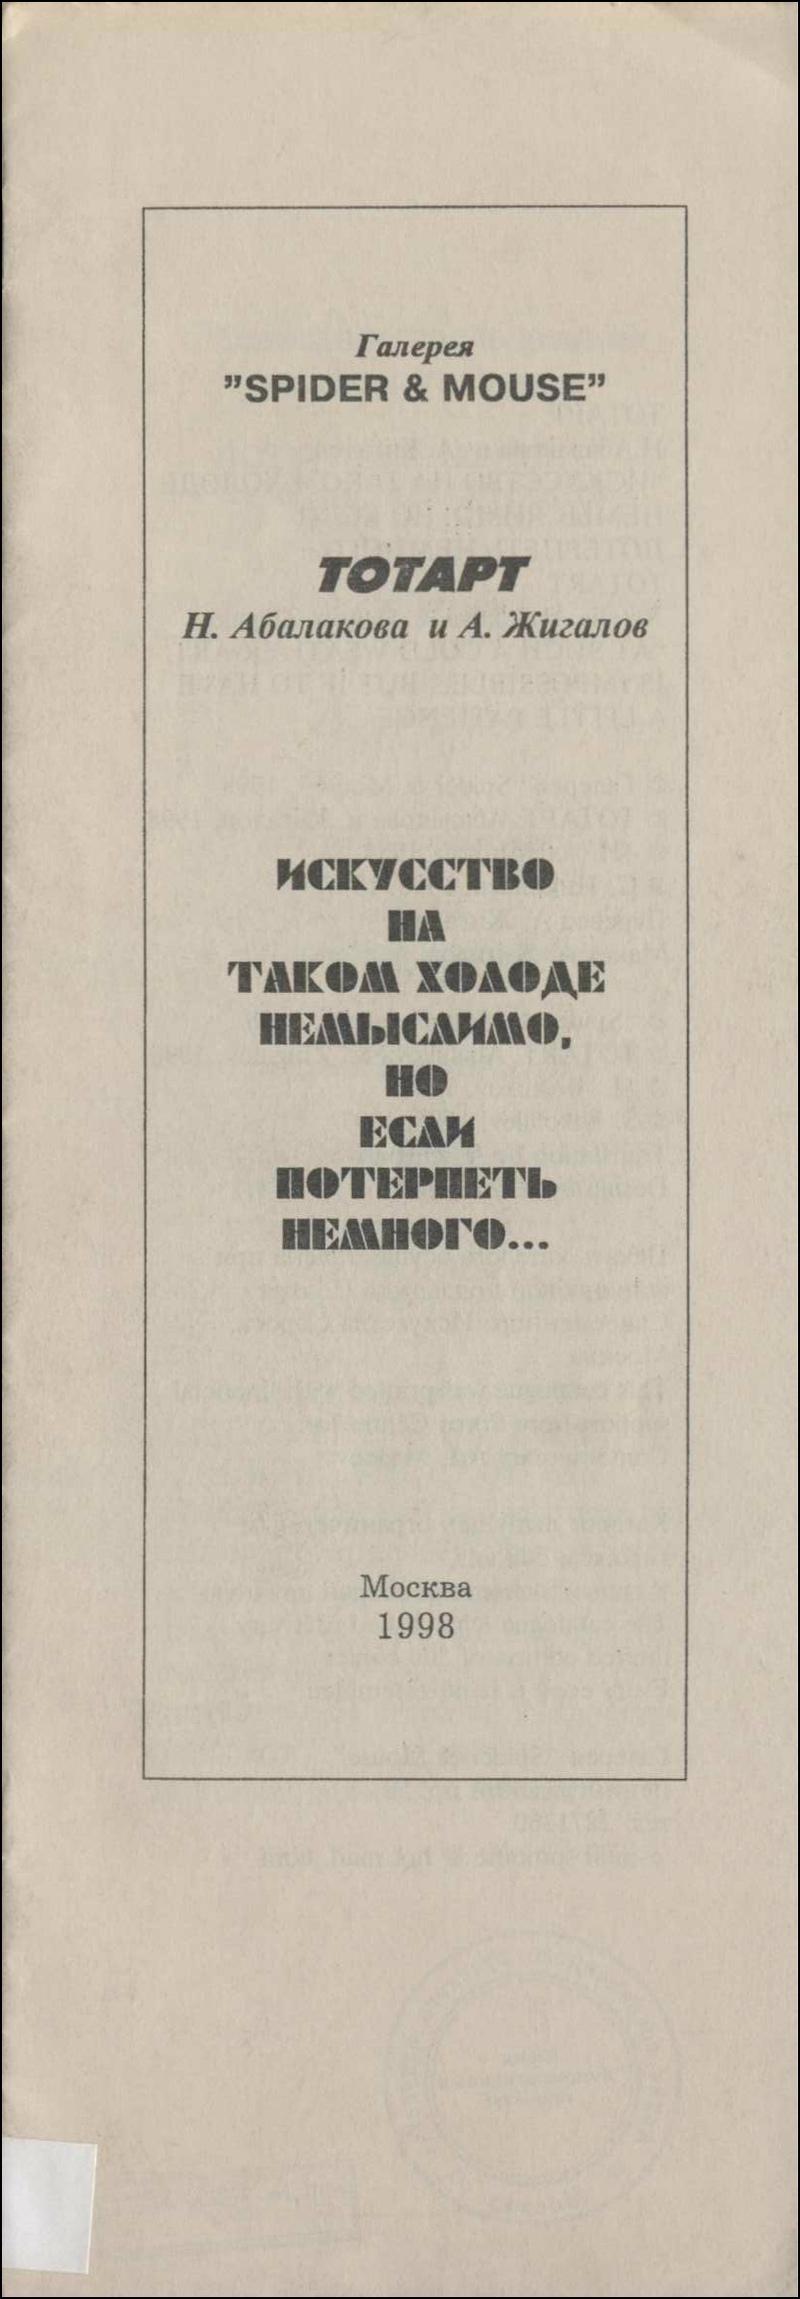 ТОТАРТ: Н. Абалакова и А. Жигалов. Искусство на таком холоде немыслимо, но если потерпеть немного...